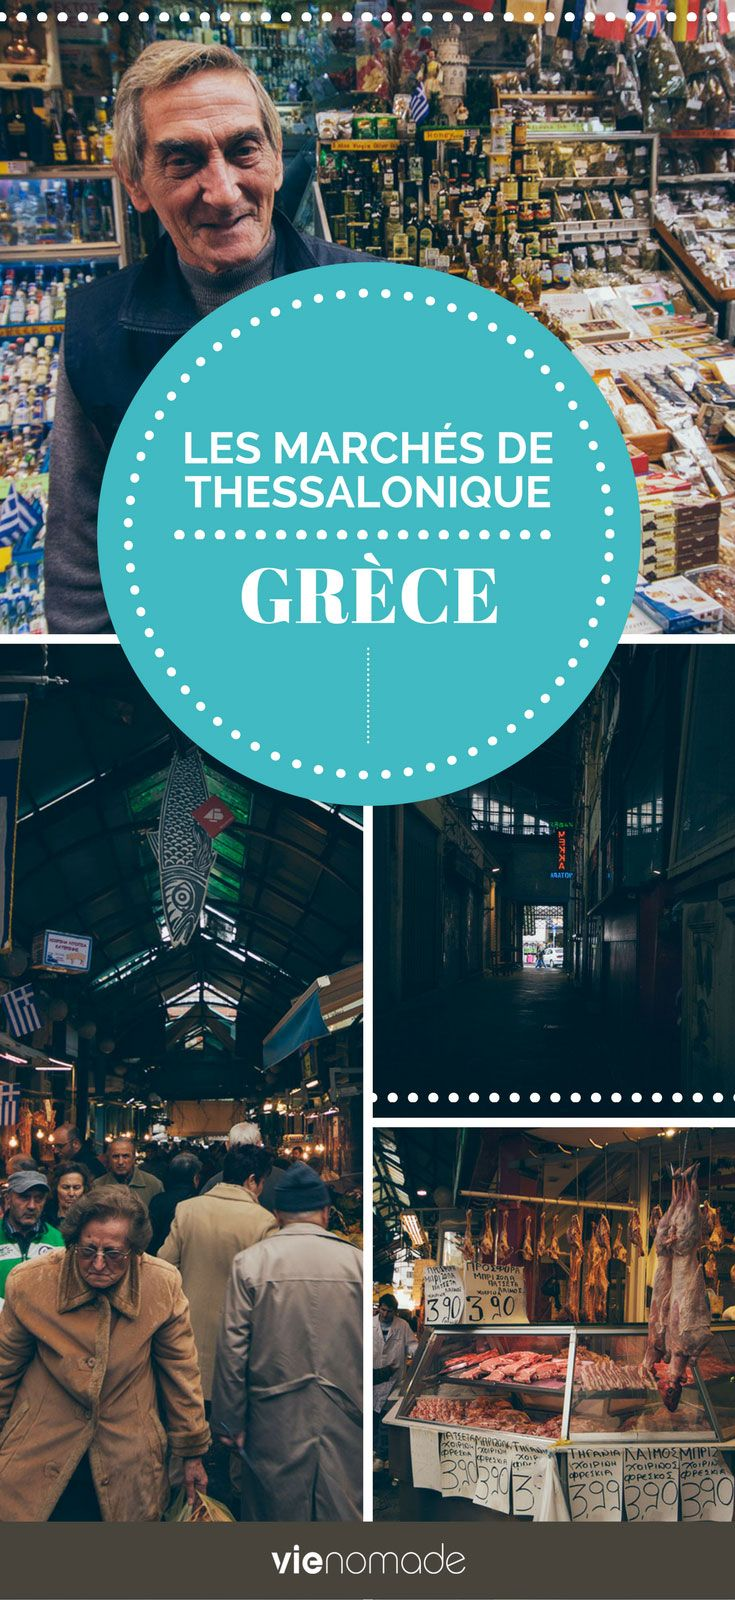 Découvrez en photos les marchés Modiano-Kapani à Thessalonique, en Grèce.